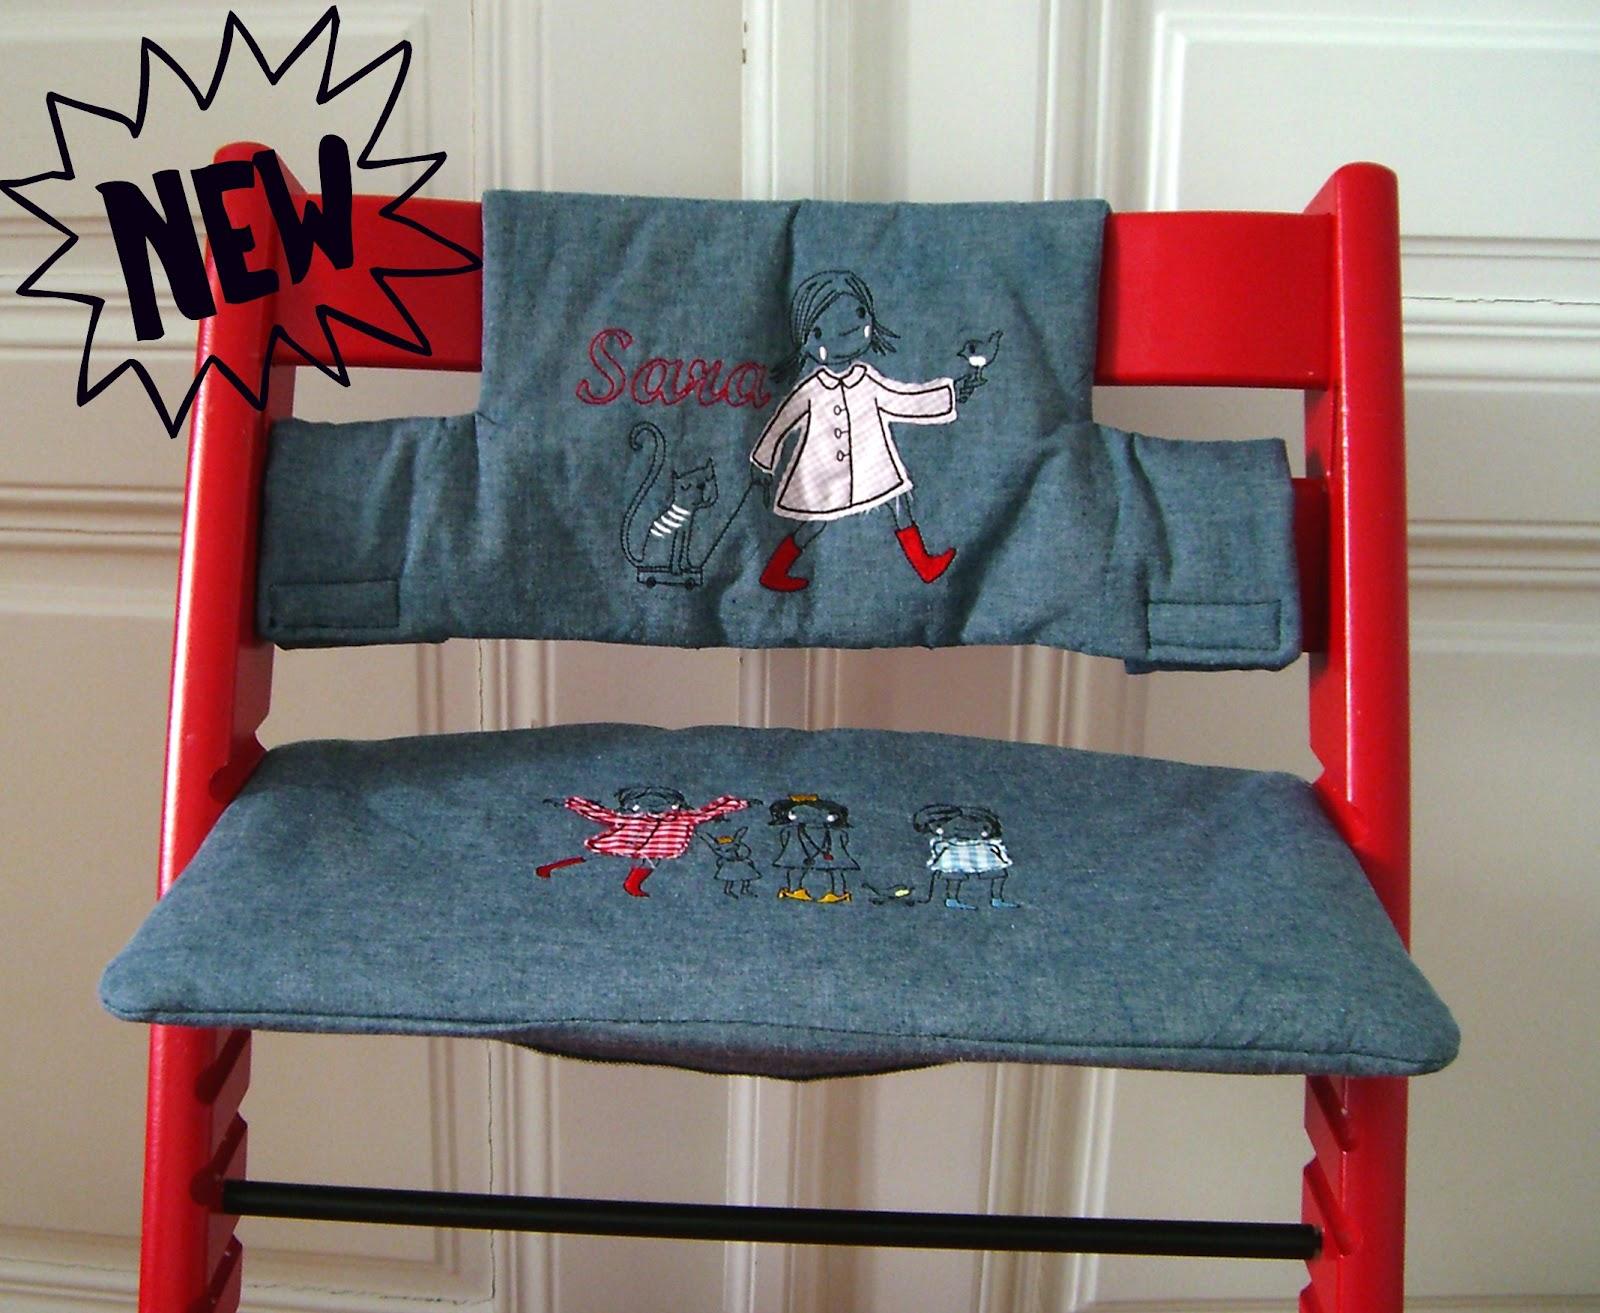 pigugi neuer tripp trapp bezug musste auch noch sein. Black Bedroom Furniture Sets. Home Design Ideas